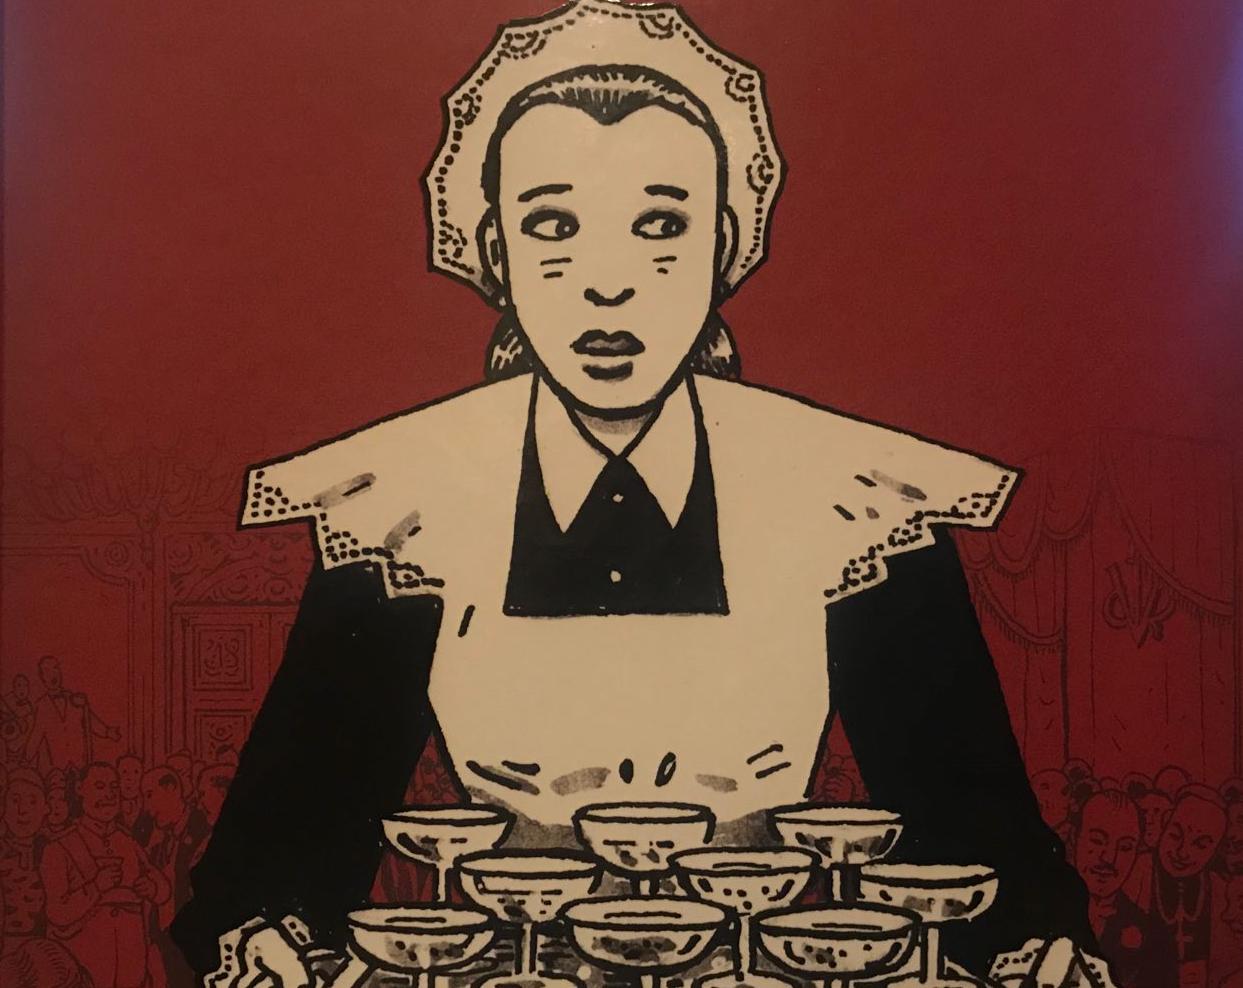 Ilustración de portada de El ala rota, de Antonio Altarriba y Kim